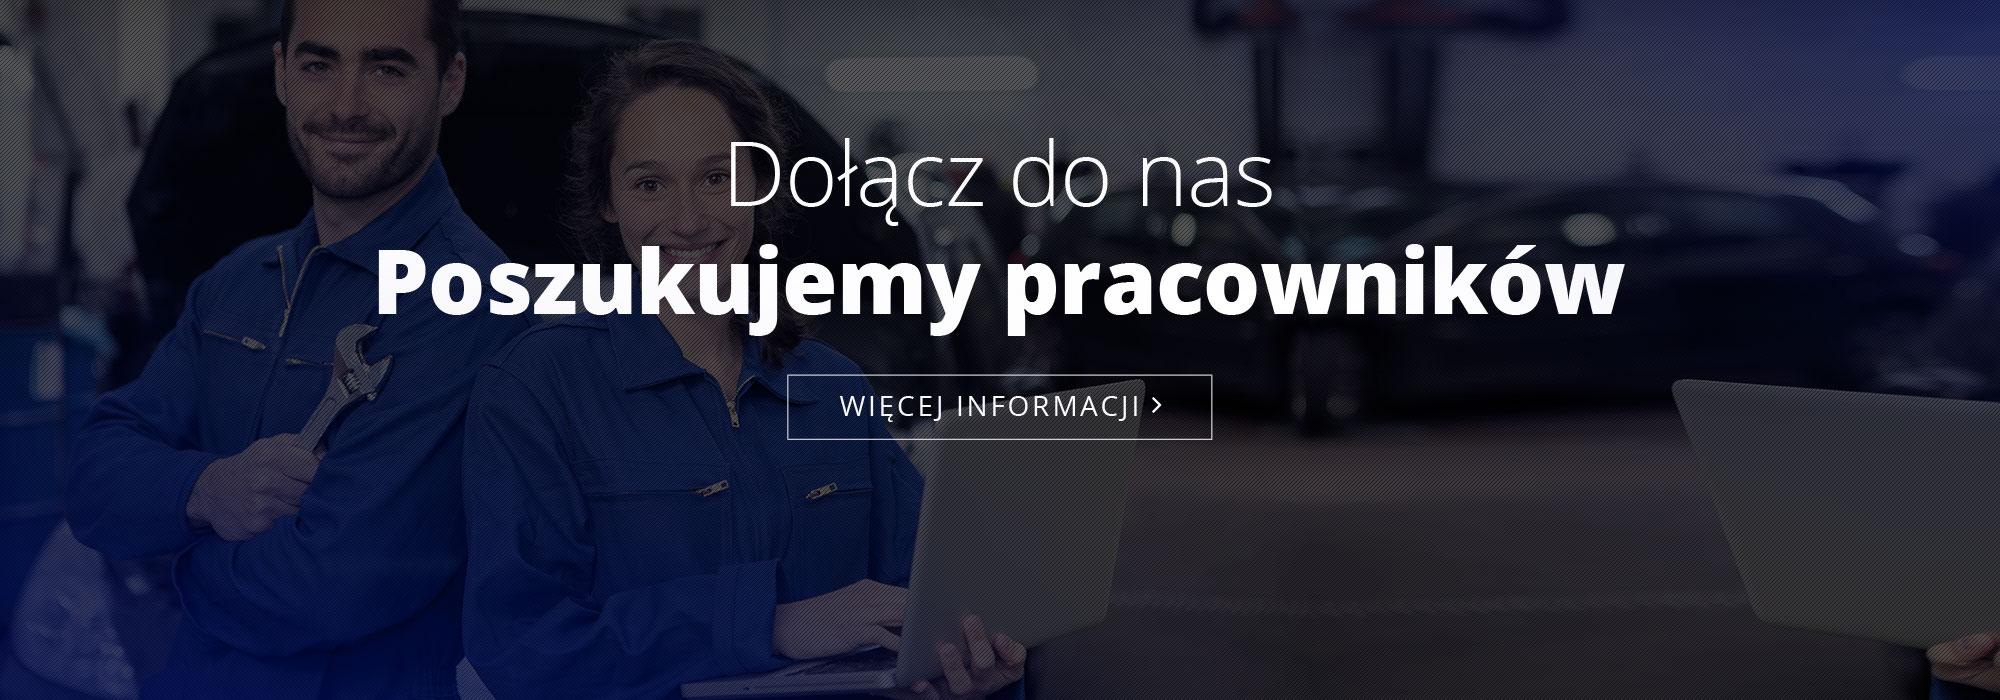 Serwis samochodwy Polimerc szuka Pracowników